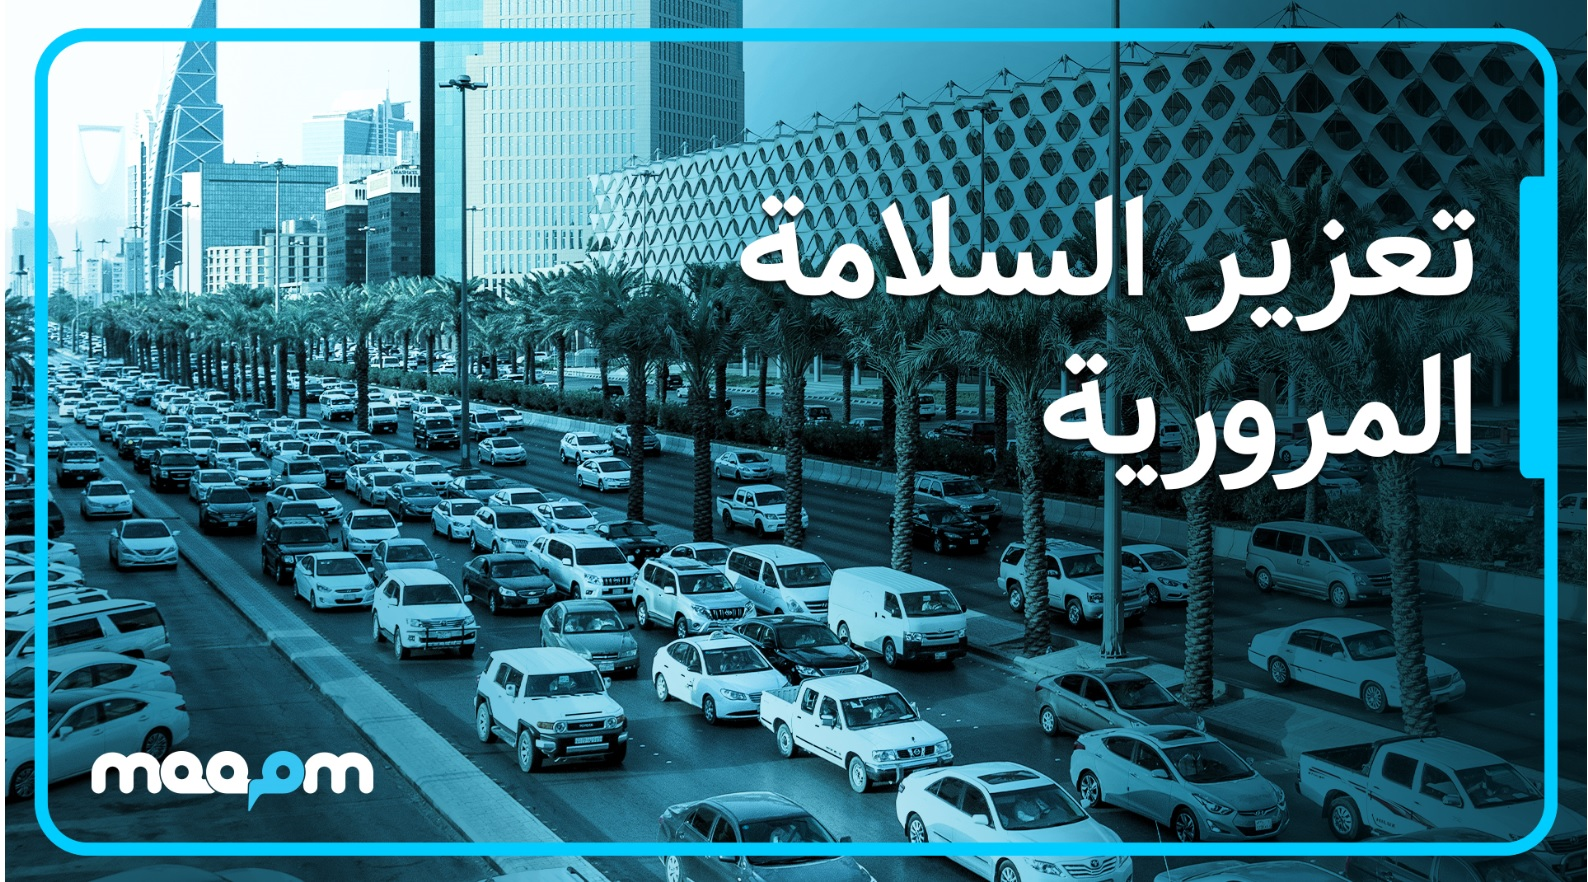 تعزيز السلامة المرورية